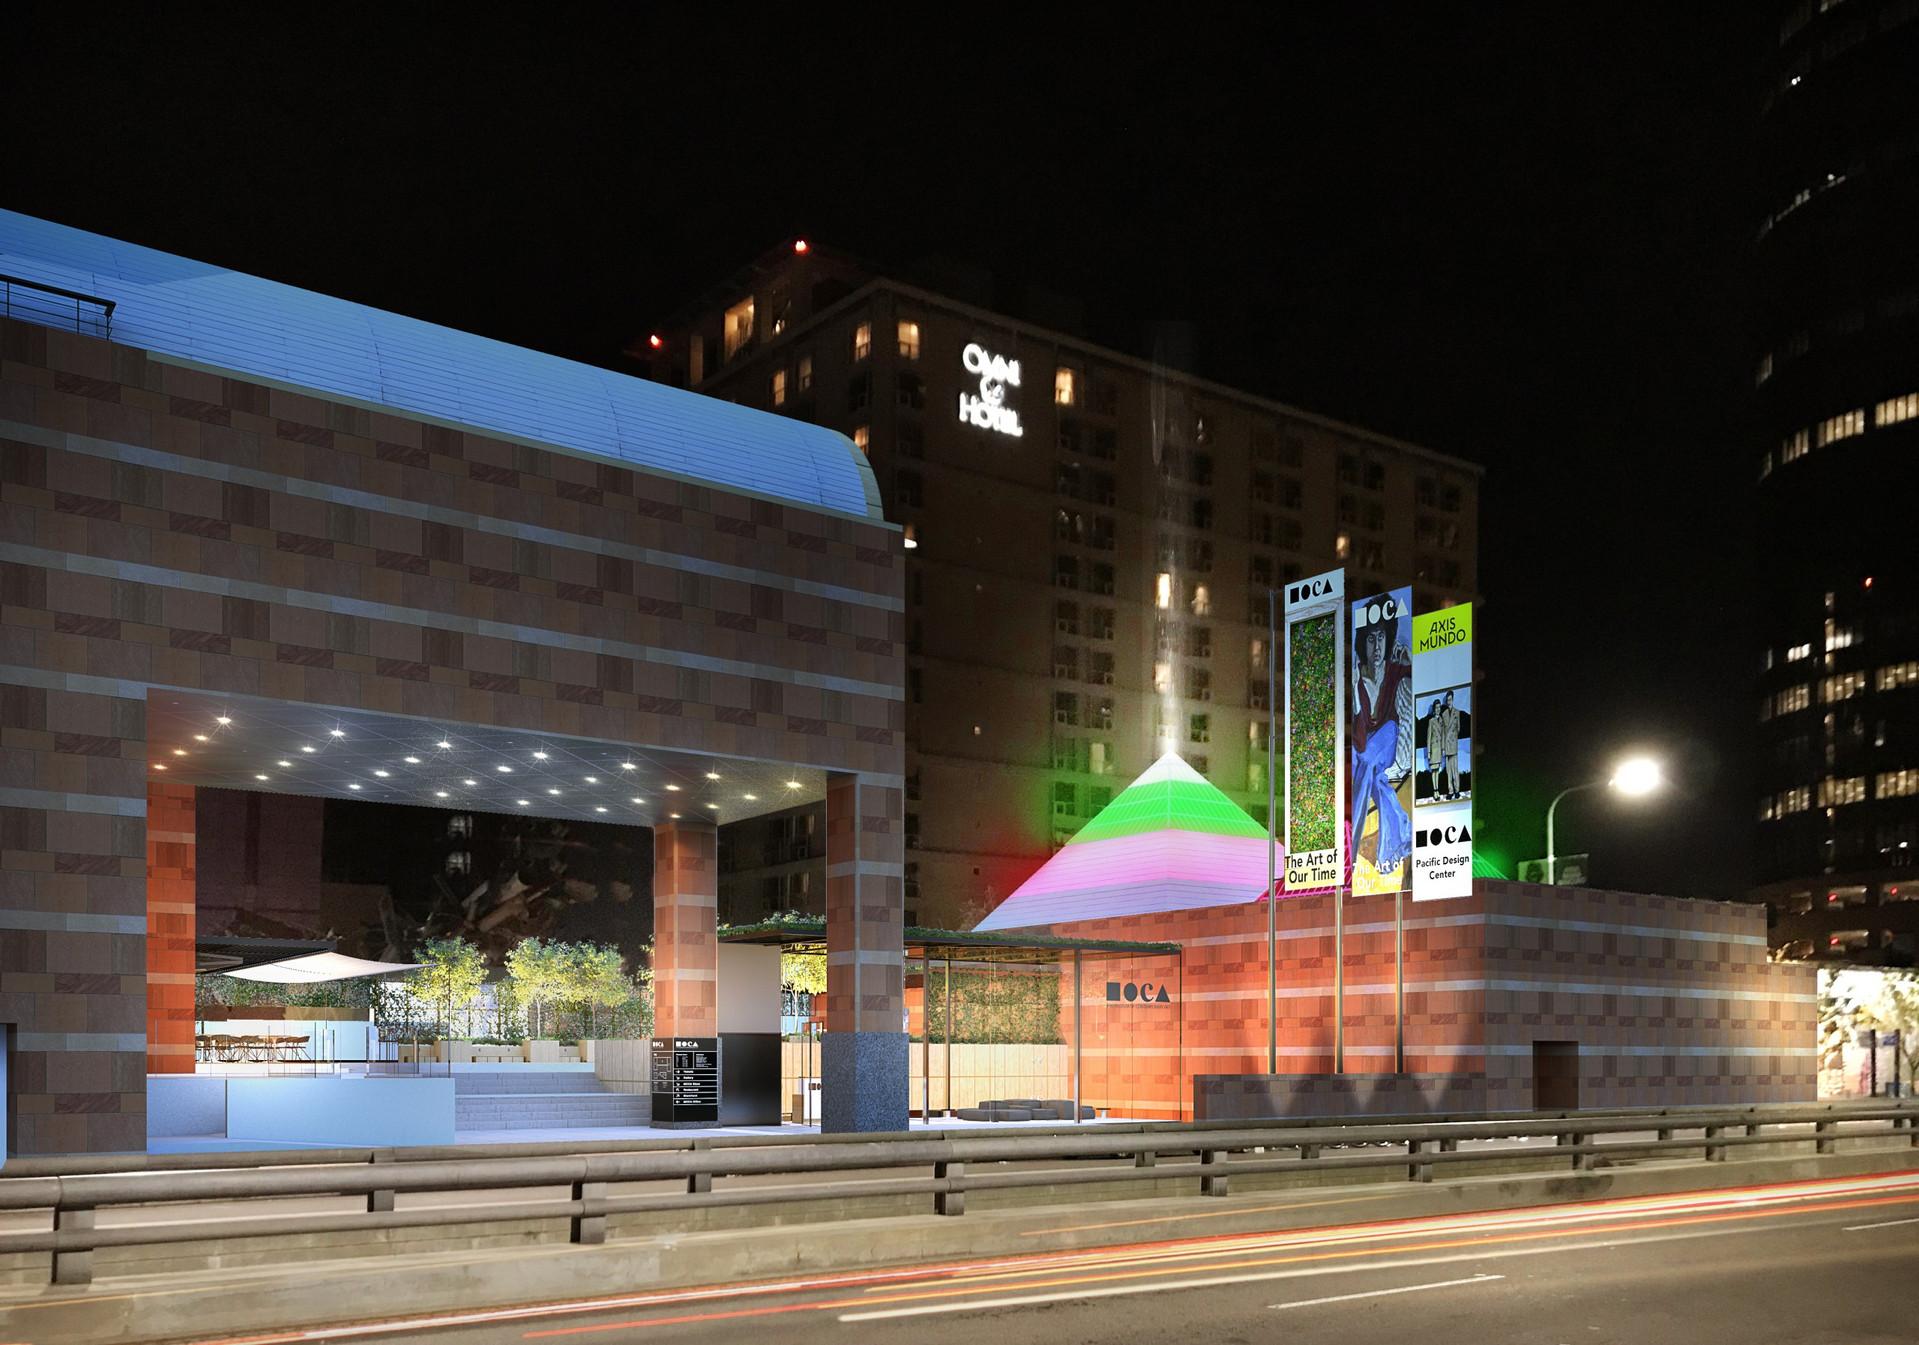 night_view01-2560x1794-2.jpg